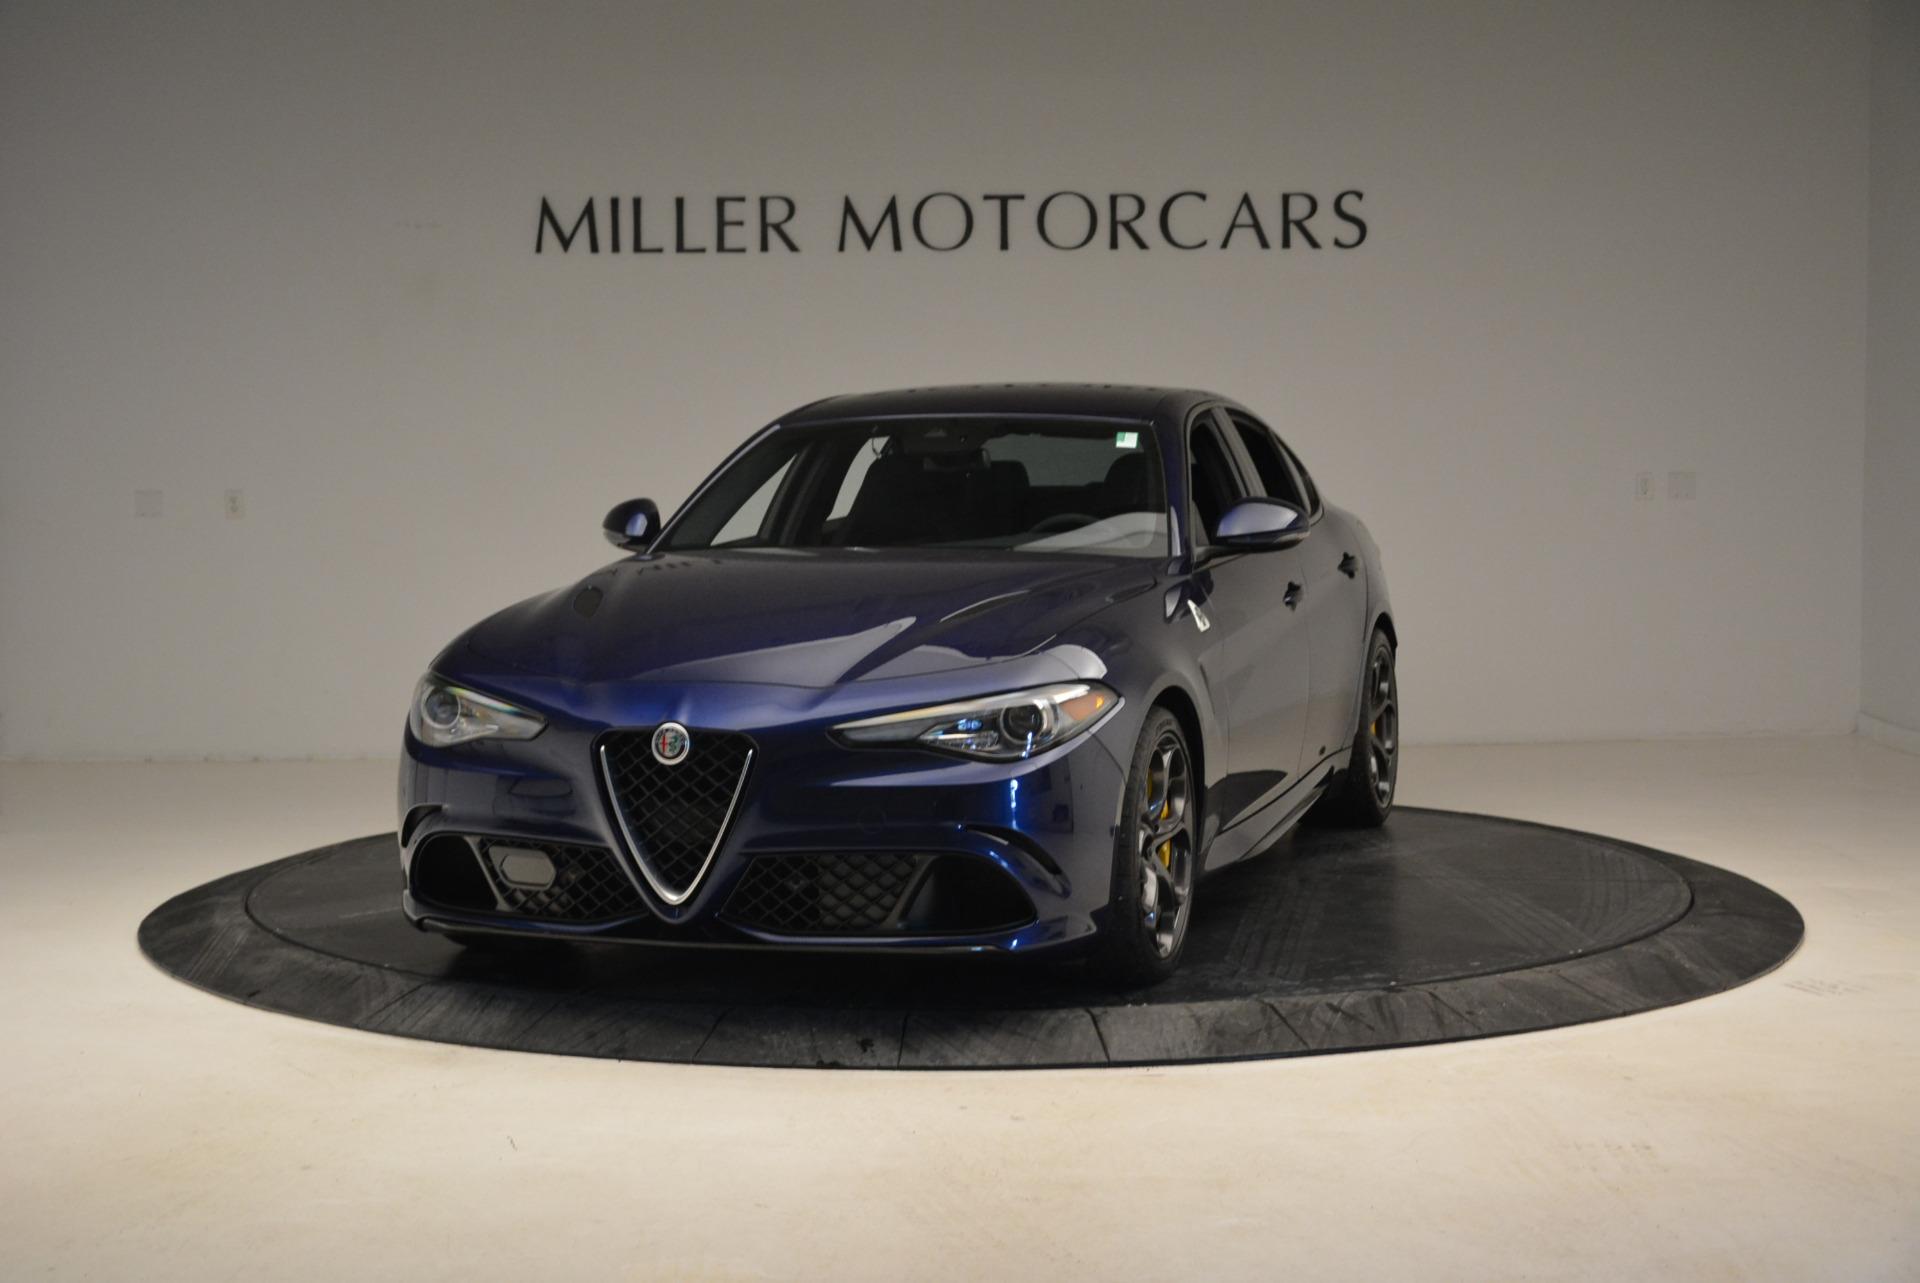 Used 2017 Alfa Romeo Giulia Quadrifoglio for sale Sold at Maserati of Greenwich in Greenwich CT 06830 1